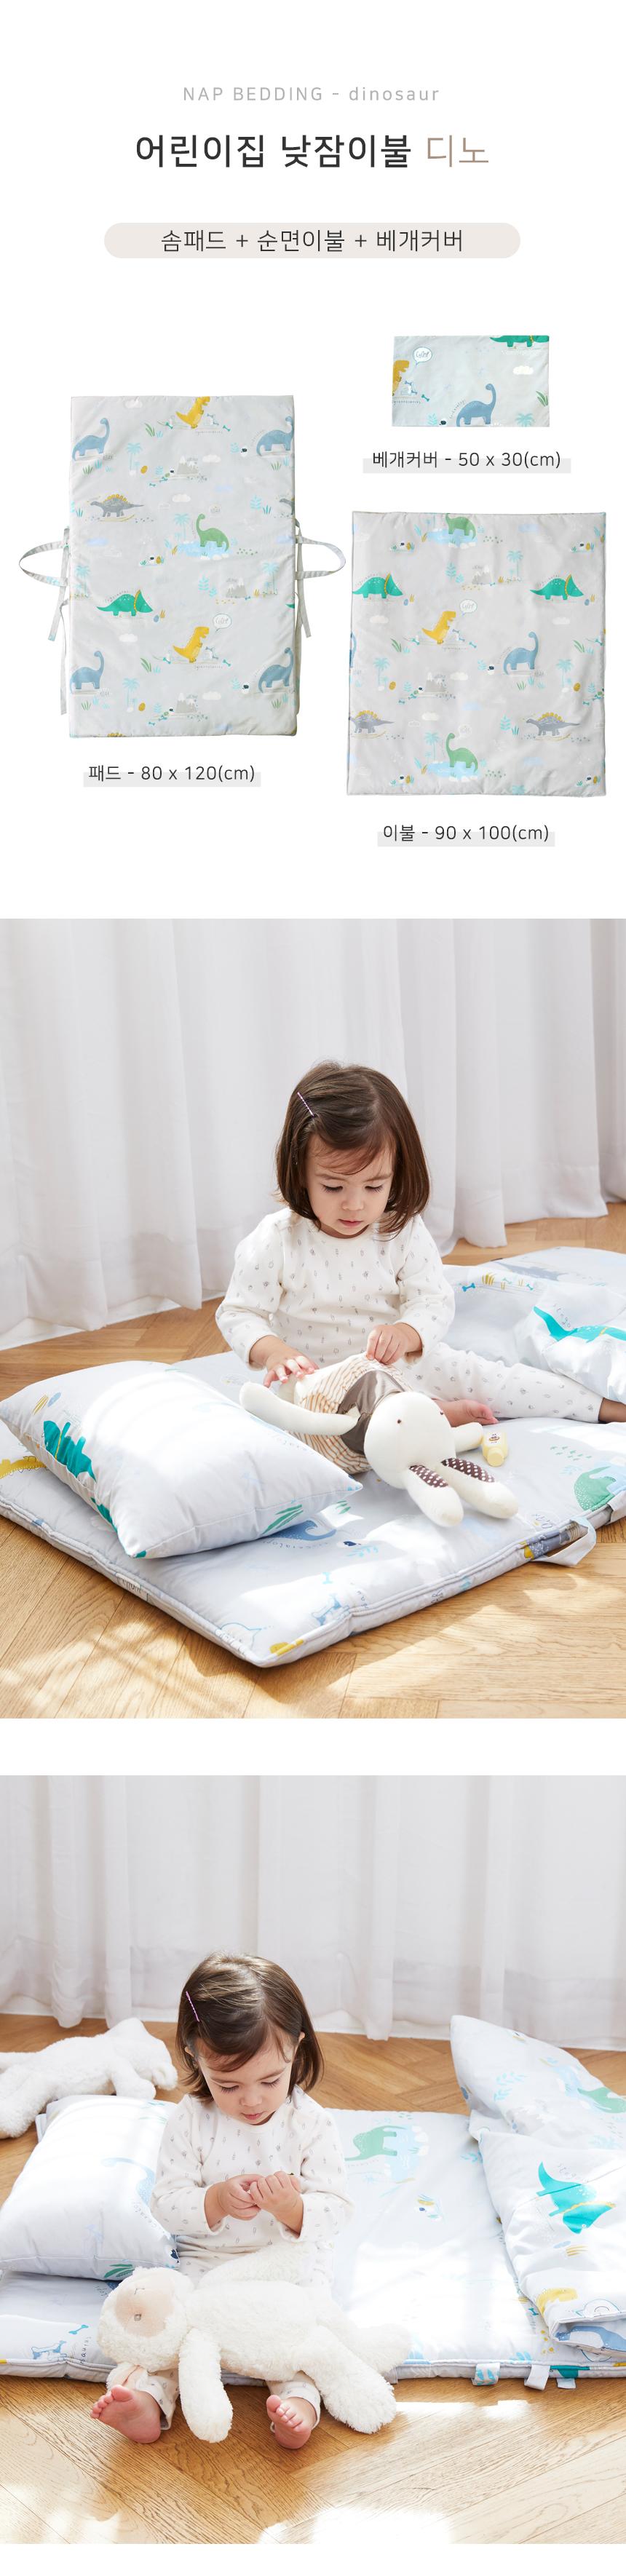 디노 어린이집 낮잠이불 세트 - 헬로미니미, 53,900원, 패브릭/침구, 낮잠이불